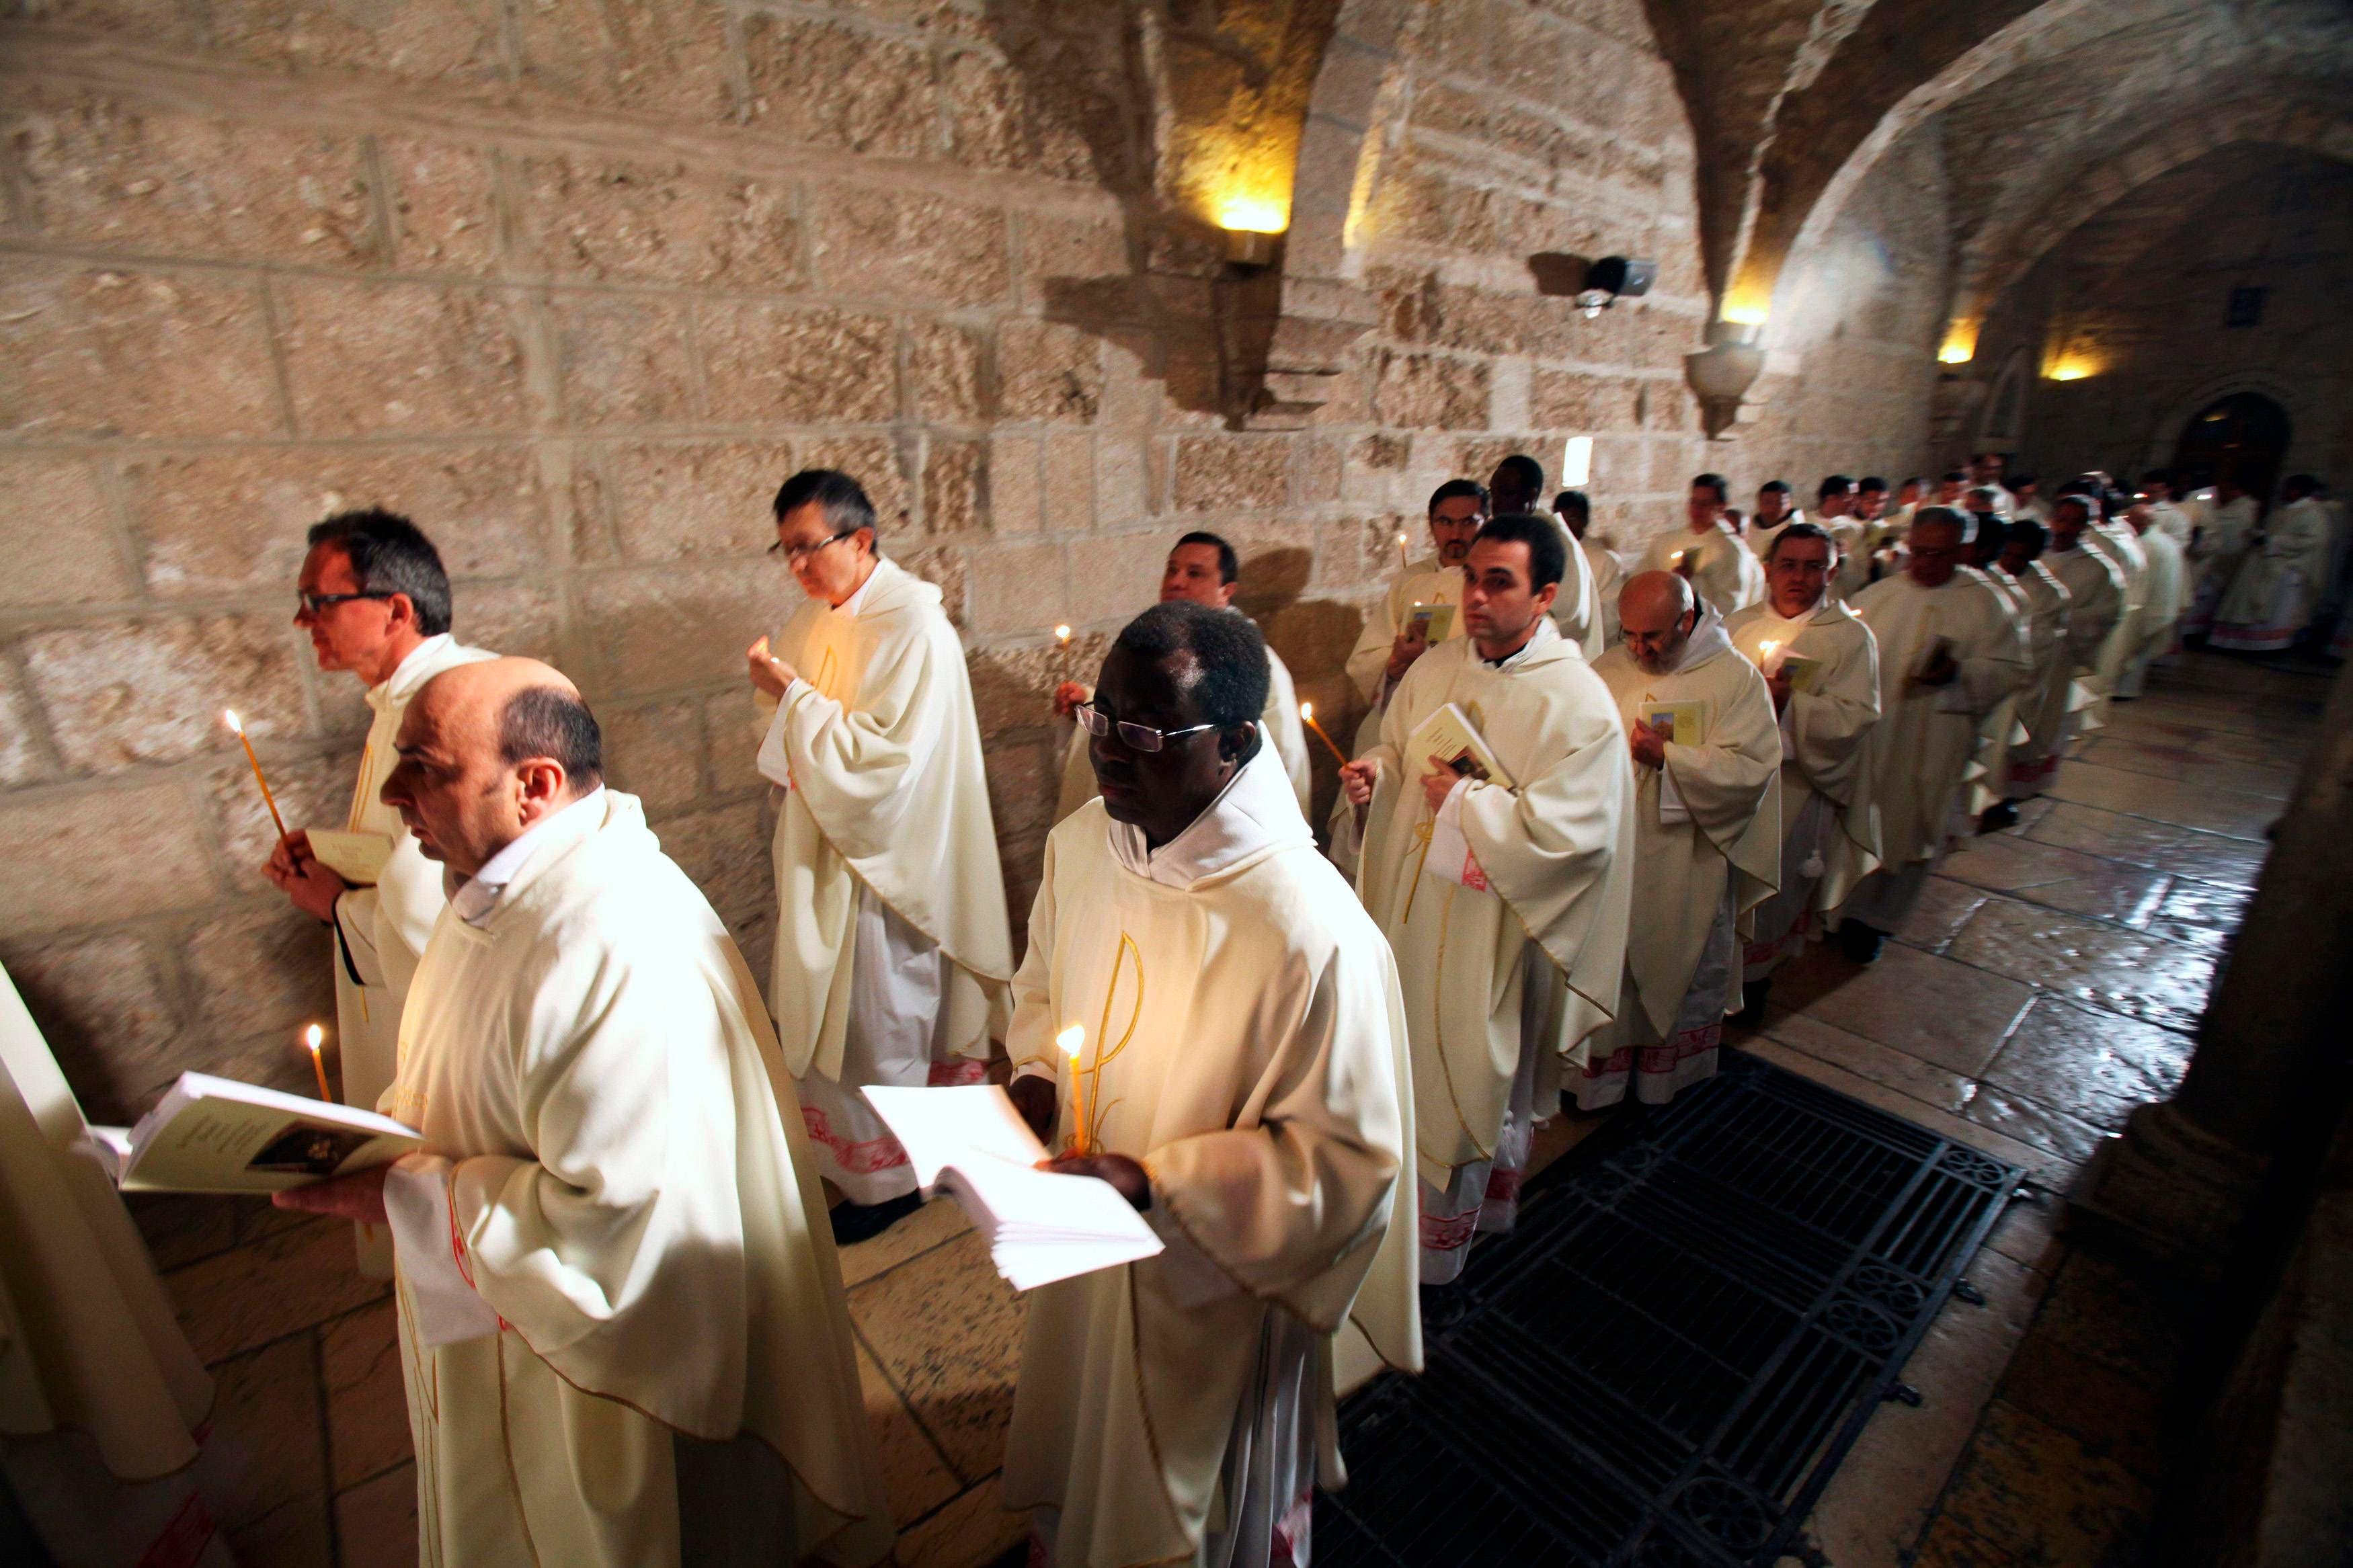 Christmas celebrations underway in Bethlehem